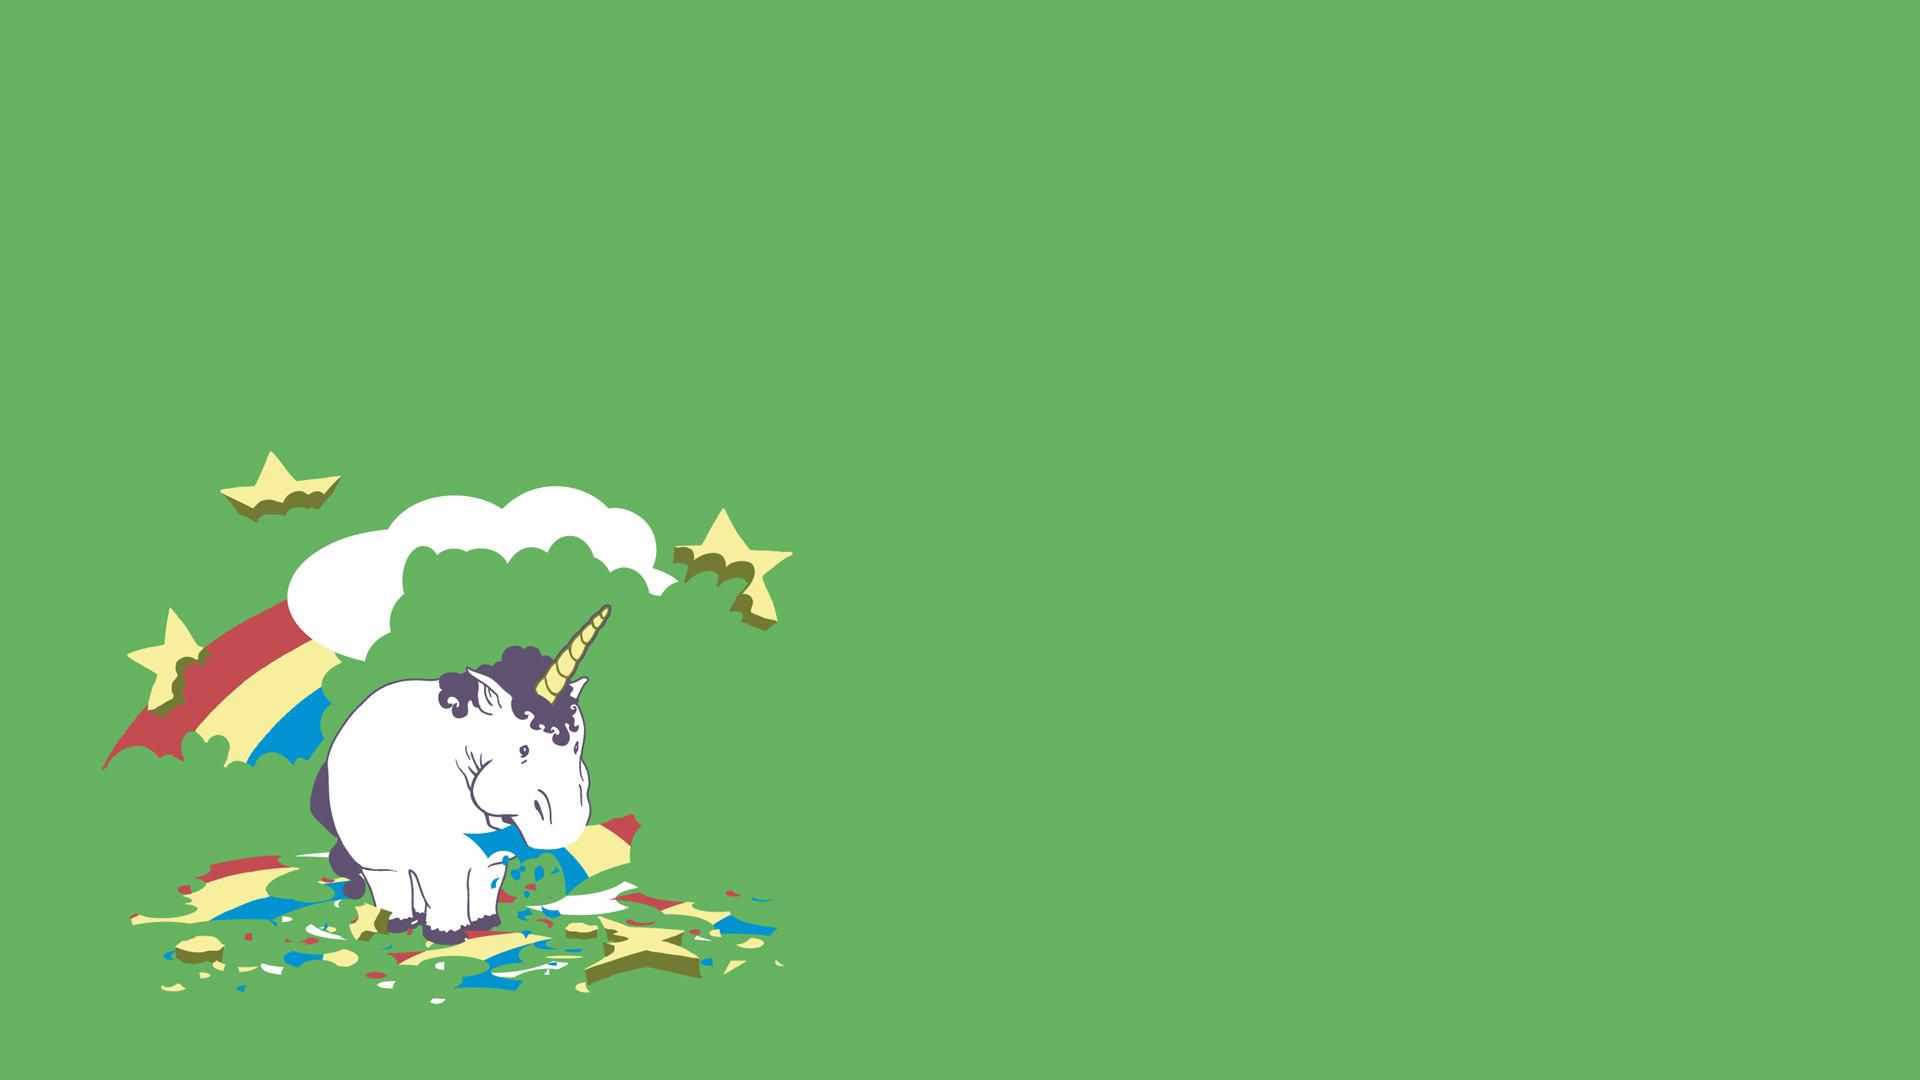 Res: 1920x1080, Fat-Unicorn-wallpaper-wp6006314